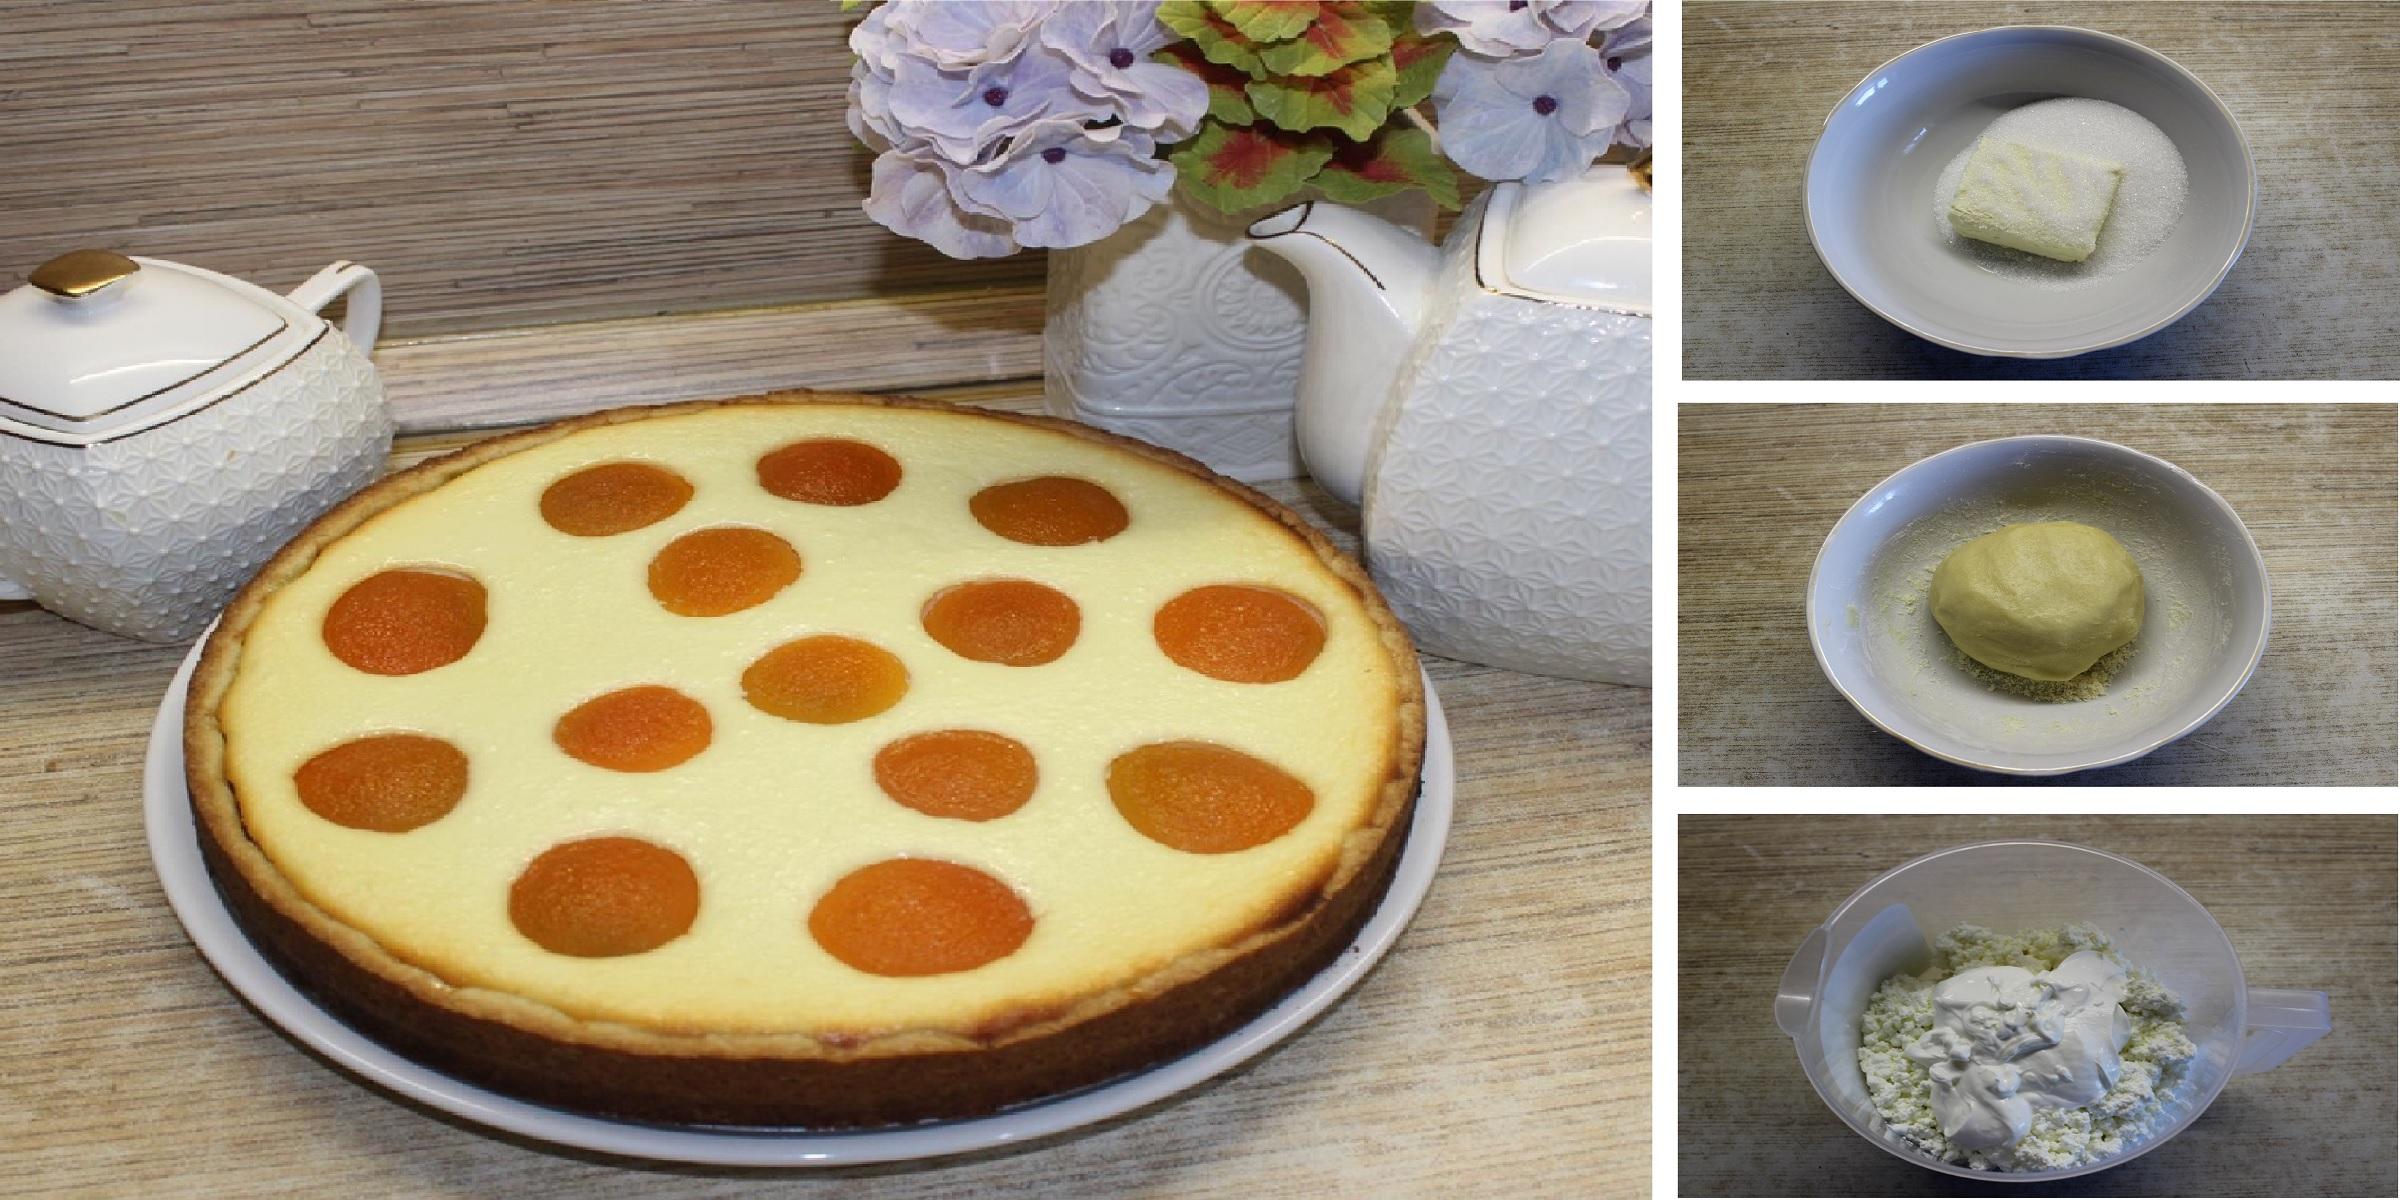 Открытый пирог с творожной начинкой и фруктами: пошаговый фото рецепт